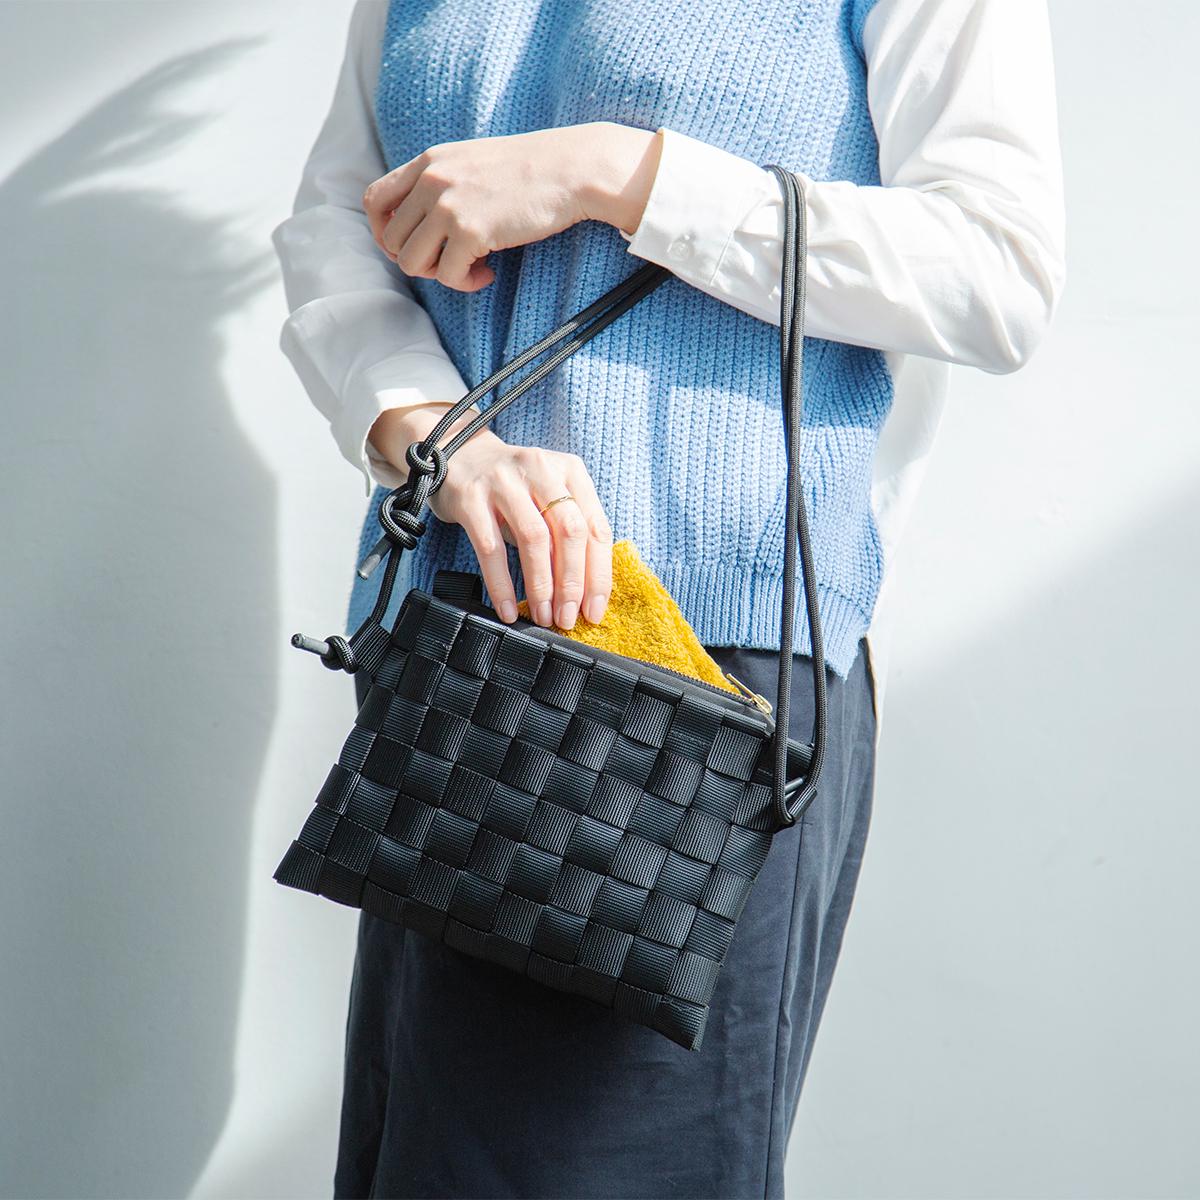 ハンドバッグ 取り外し可能なポーチinバッグが付属、3通りの使い方ができる「ショルダーバッグ」  PACK